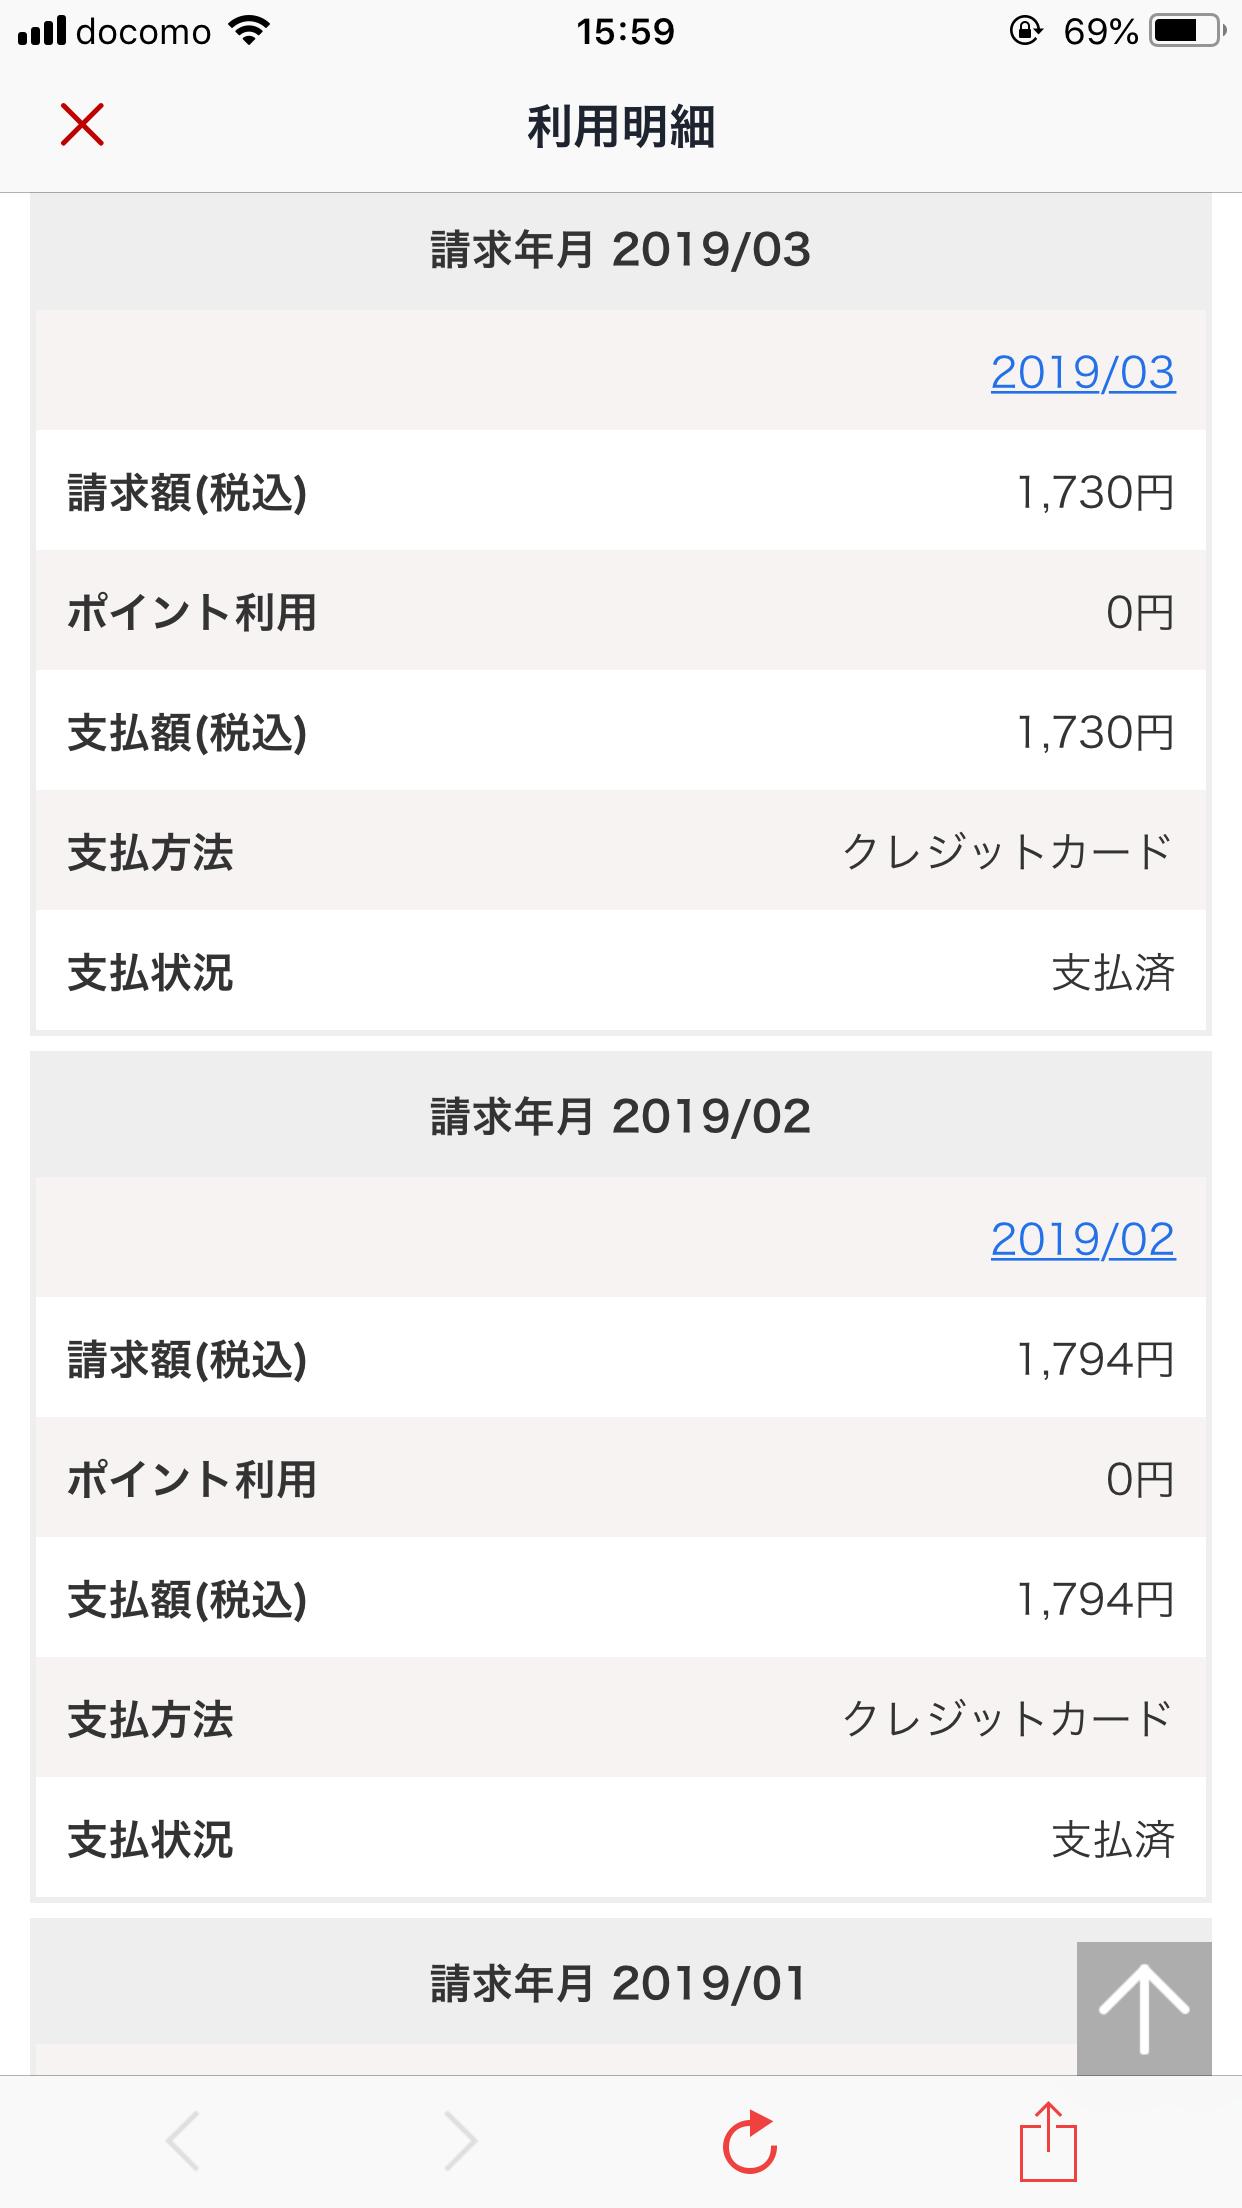 利用明細(2019/02〜2019/03)